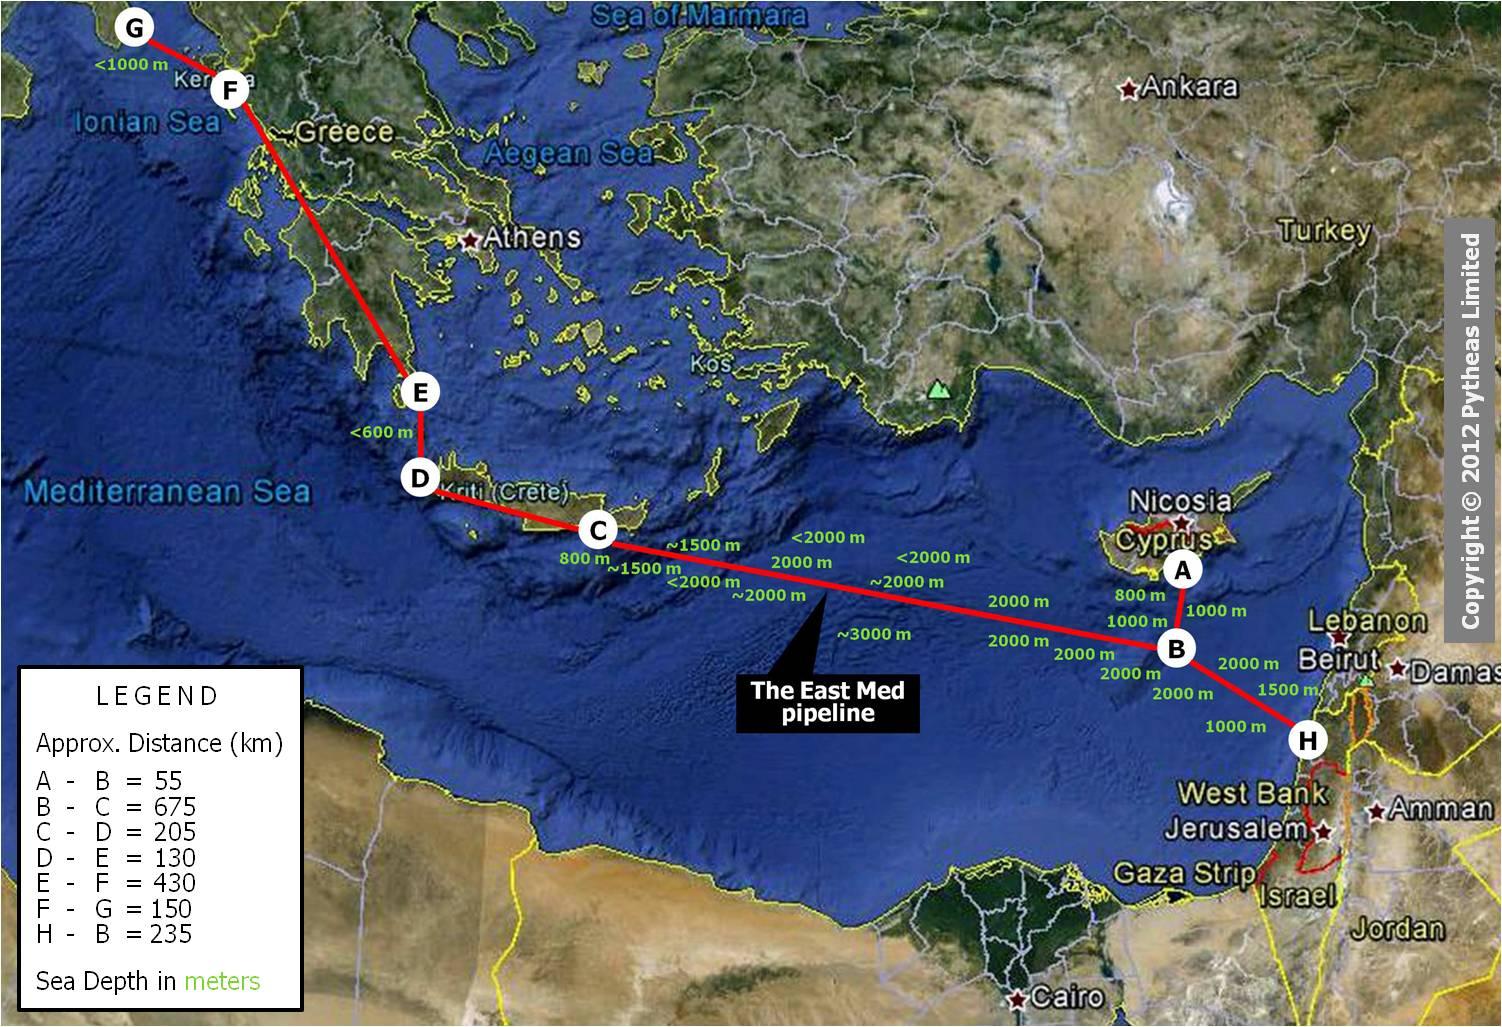 Ενεργειακός κόμβος Ελλάδας – Κύπρου – Ισραήλ